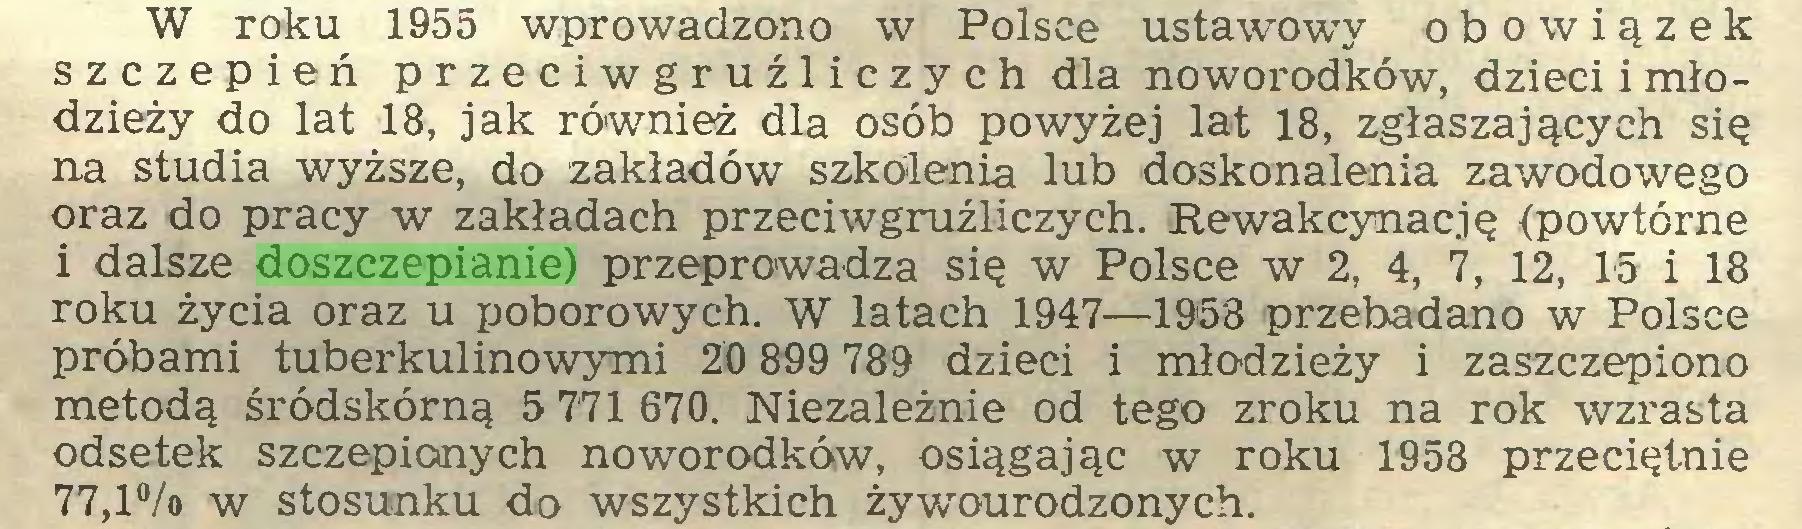 (...) W roku 1955 wprowadzono w Polsce ustawowy obowiązek szczepień przeciwgruźliczych dla noworodków, dzieci i młodzieży do lat 18, jak również dla osób powyżej lat 18, zgłaszających się na studia wyższe, do zakładów szkolenia lub doskonalenia zawodowego oraz do pracy w zakładach przeciwgruźliczych. Rewakcynację (powtórne i dalsze doszczepianie) przeprowadza się w Polsce w 2, 4, 7, 12, 15 i 18 roku życia oraz u poborowych. W latach 1947—1958 przebadano w Polsce próbami tuberkulinowymi 20 899 789 dzieci i młodzieży i zaszczepiono metodą śródskórną 5 771 670. Niezależnie od tego zroku na rok wzrasta odsetek szczepionych noworodków, osiągając w roku 1958 przeciętnie 77,l°/o w stosunku do wszystkich żywourodzonych...